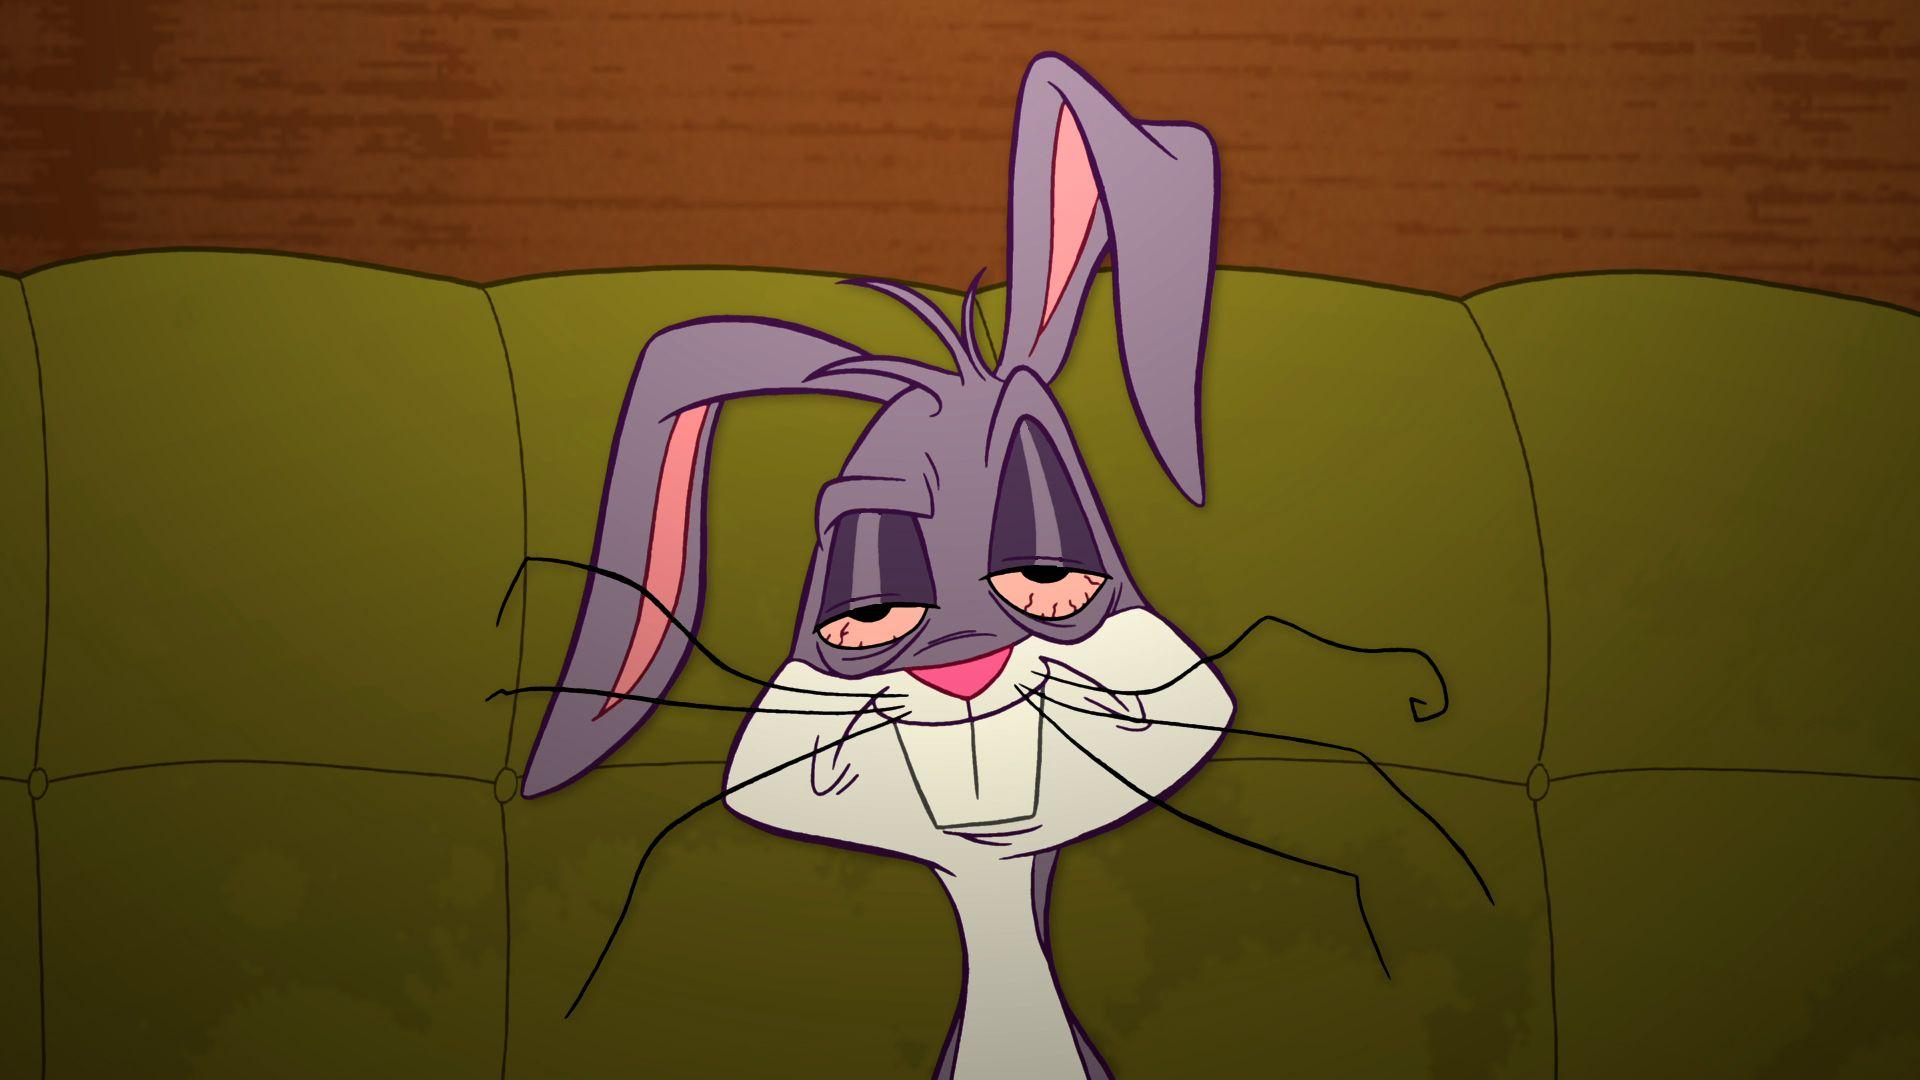 Bugs Bunny Fotos de perfil de dibujos animados, Fotos en